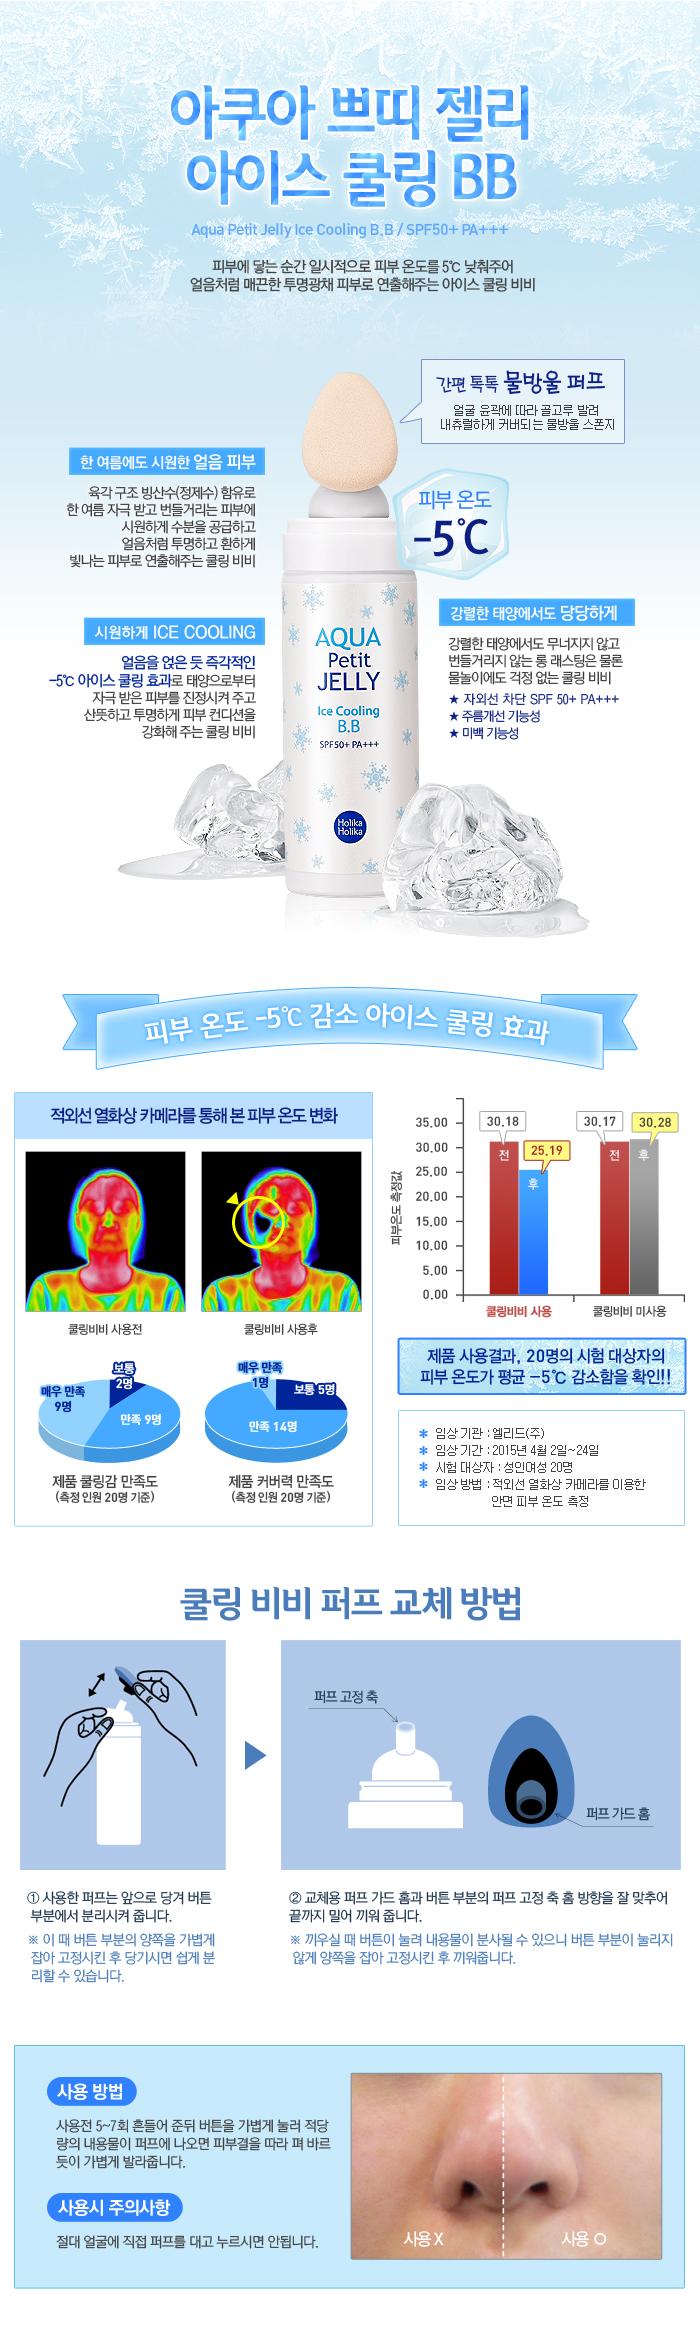 Credit: Holika Holika Korea website